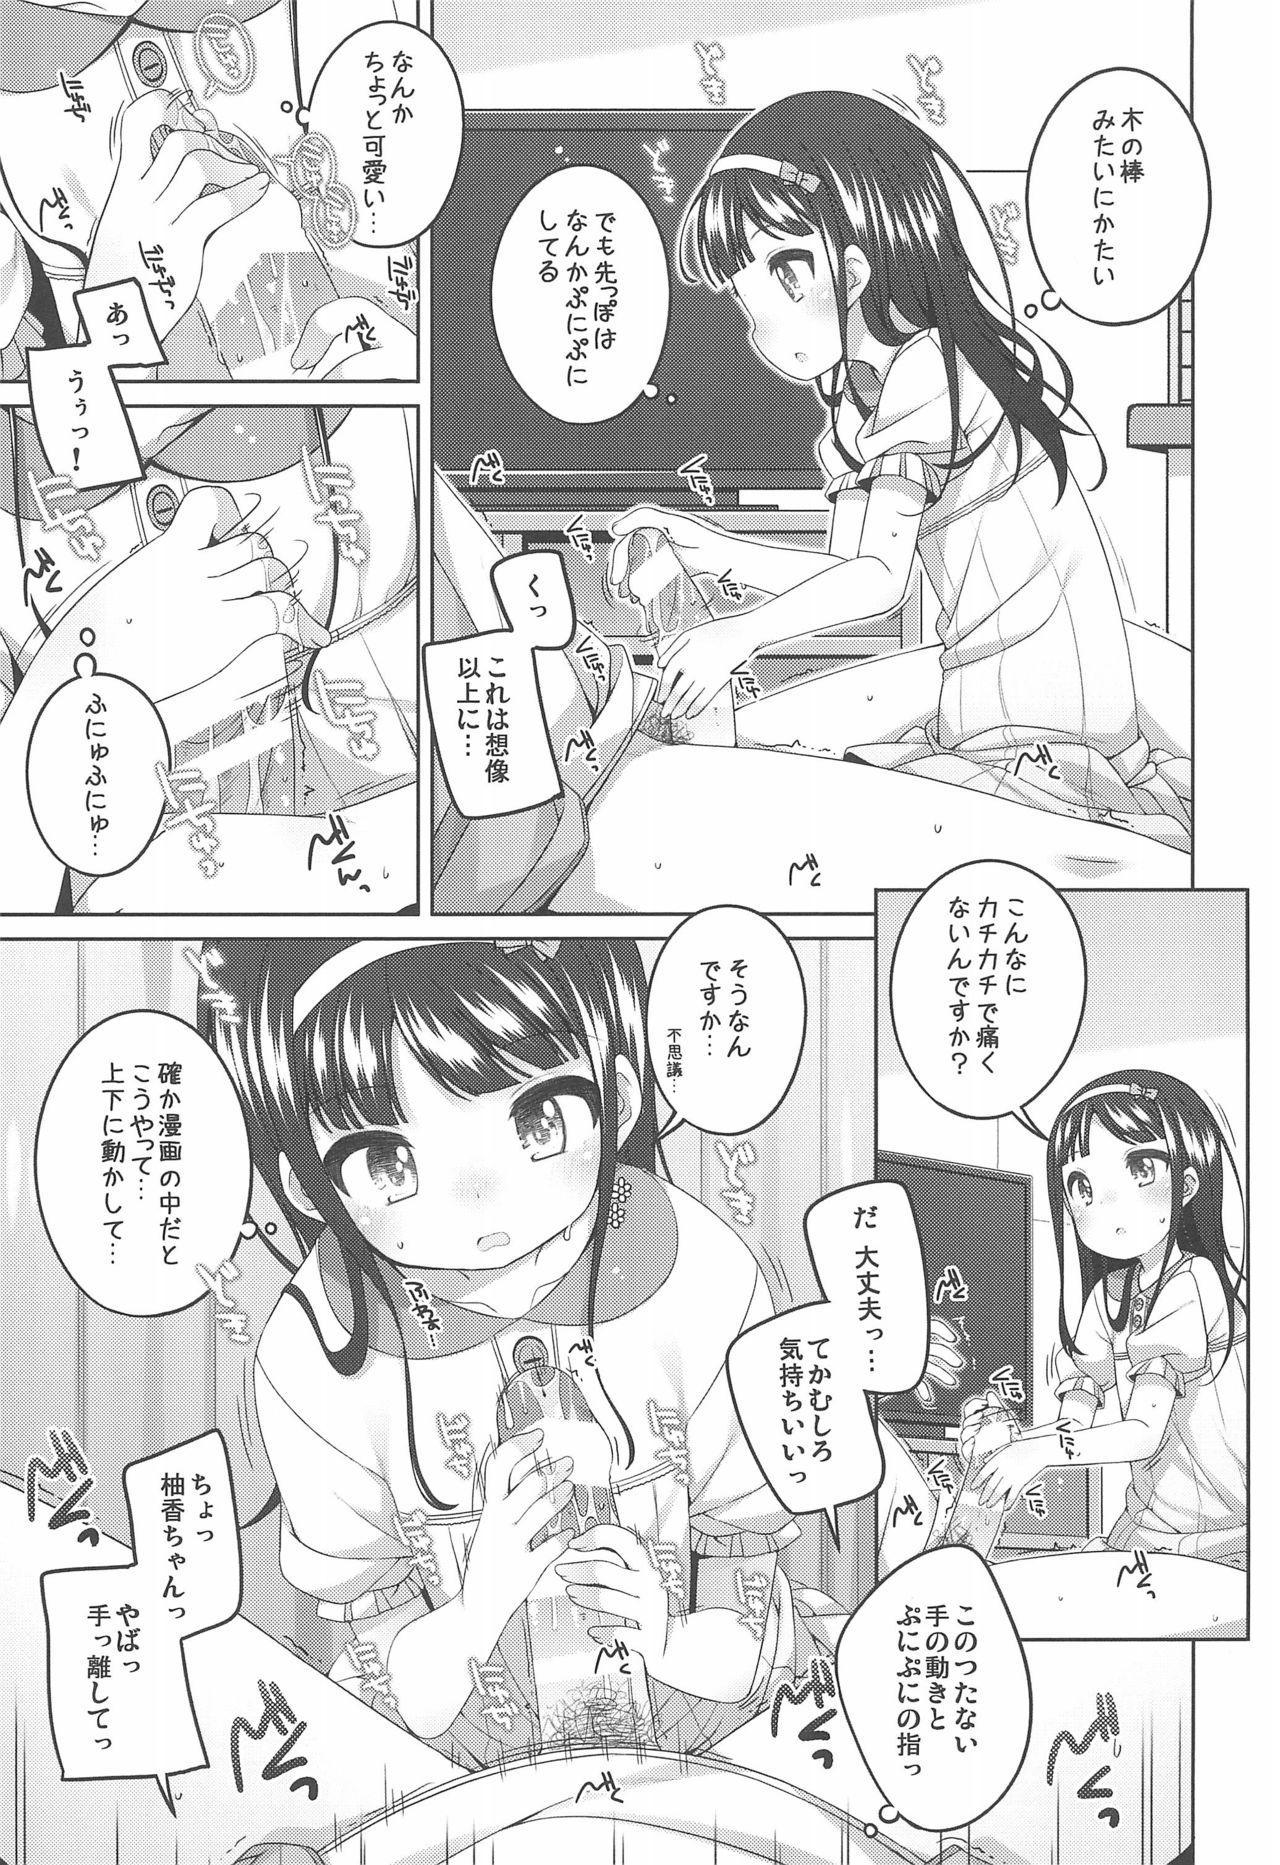 Ero-hon Sutetara Onnanoko ga Ie ni Kita 8